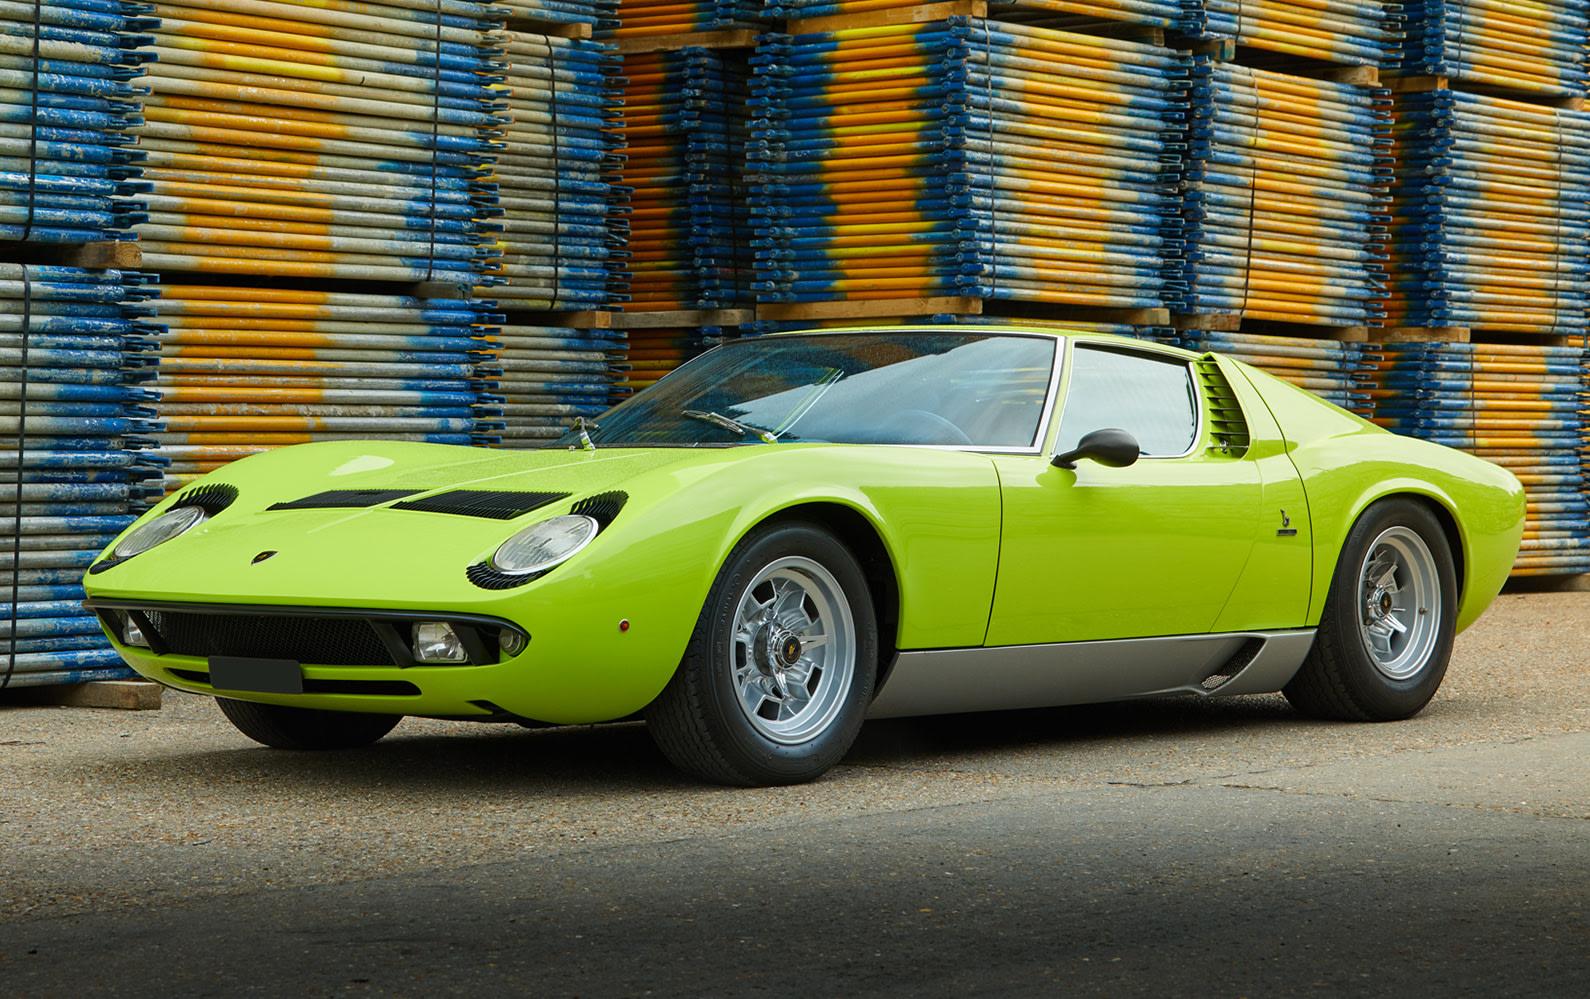 1968 Lamborghini Miura P400 S (1)